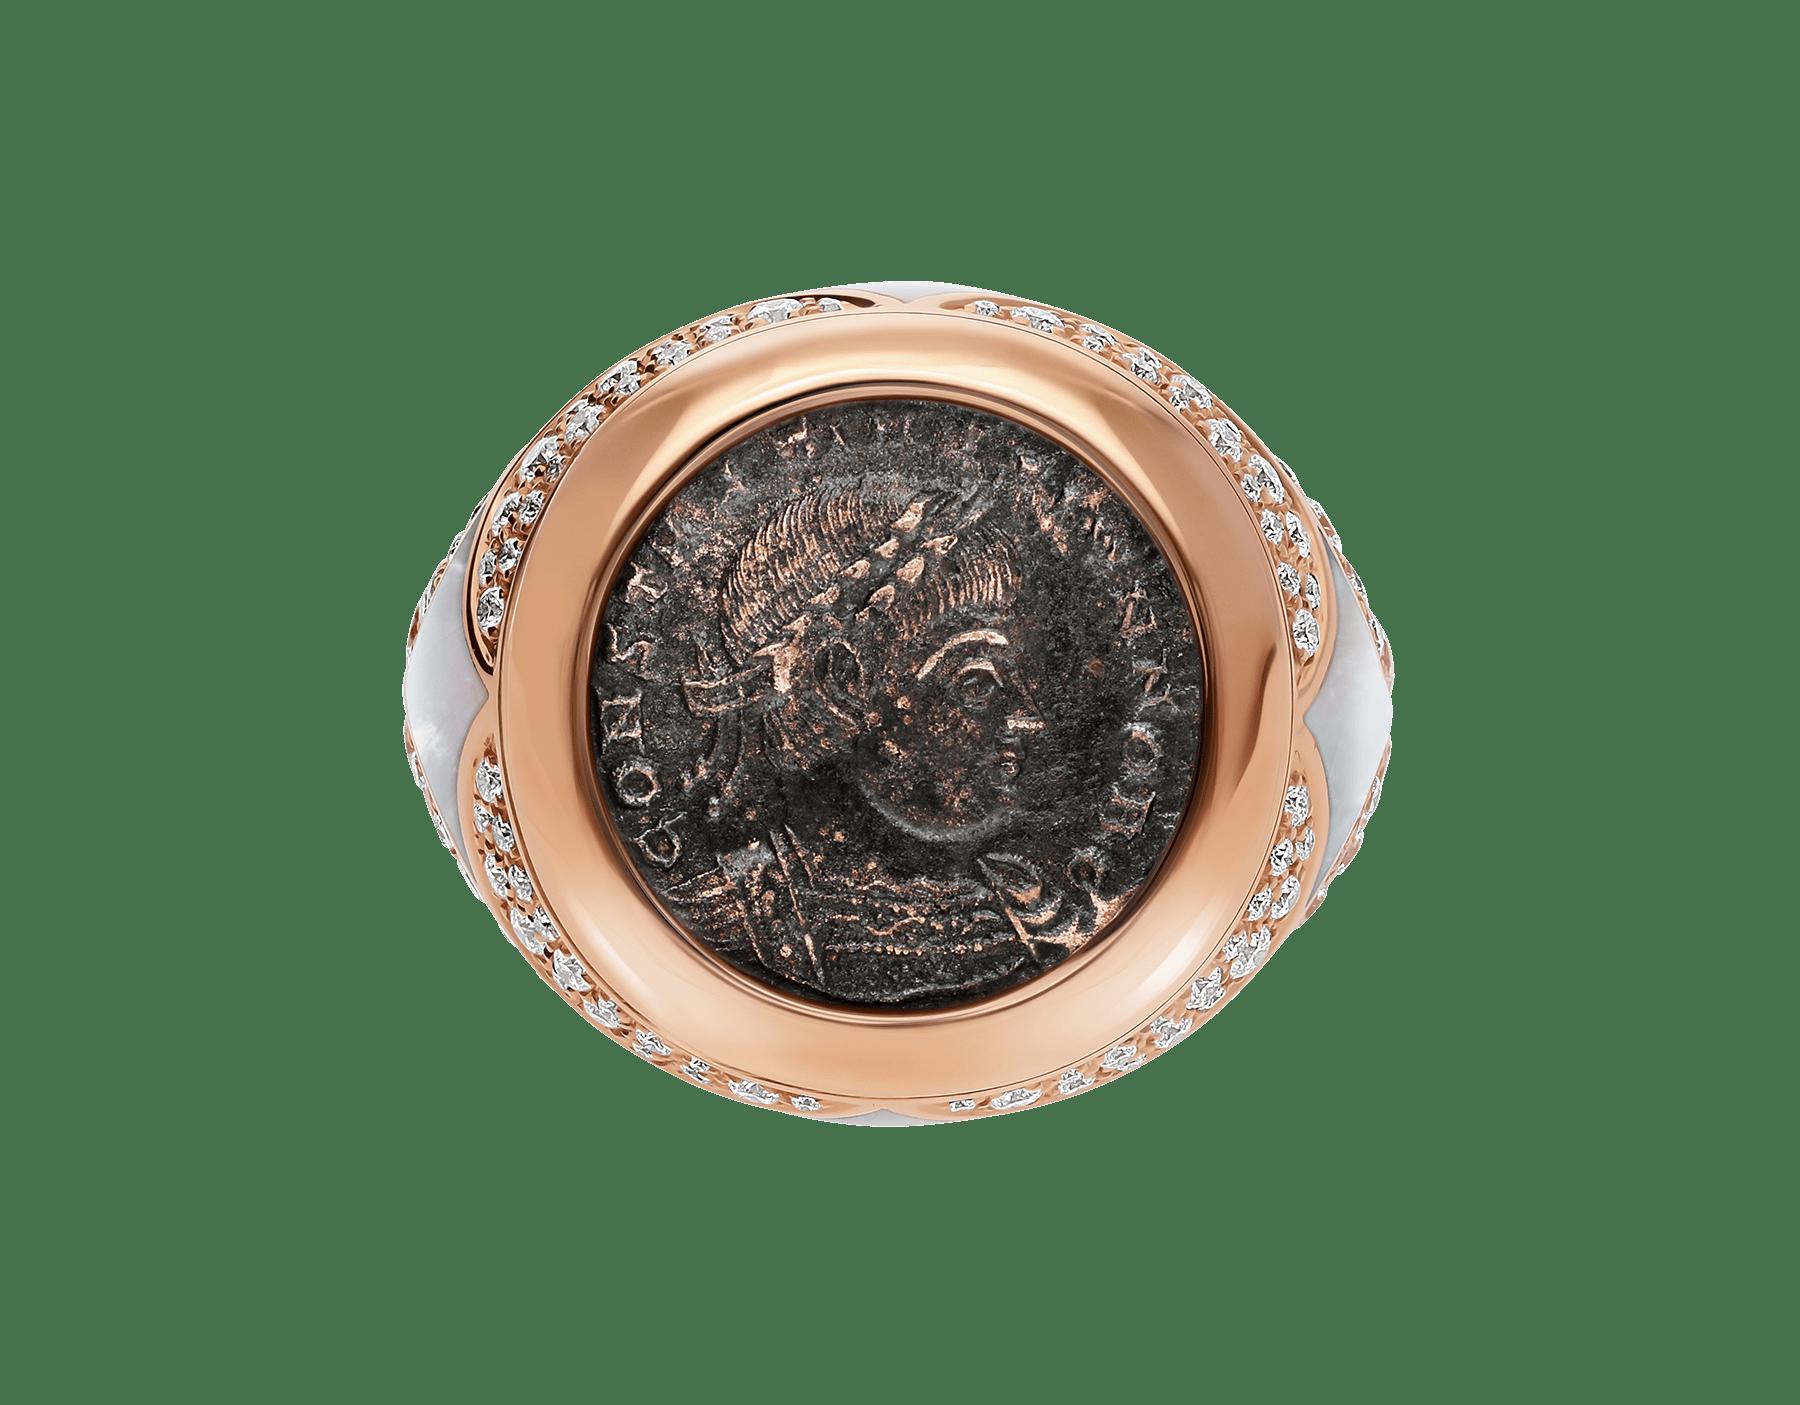 Anillo Monete en oro rosa de 18 qt con una moneda antigua, elementos de madreperla y pavé de diamantes. AN858424 image 3